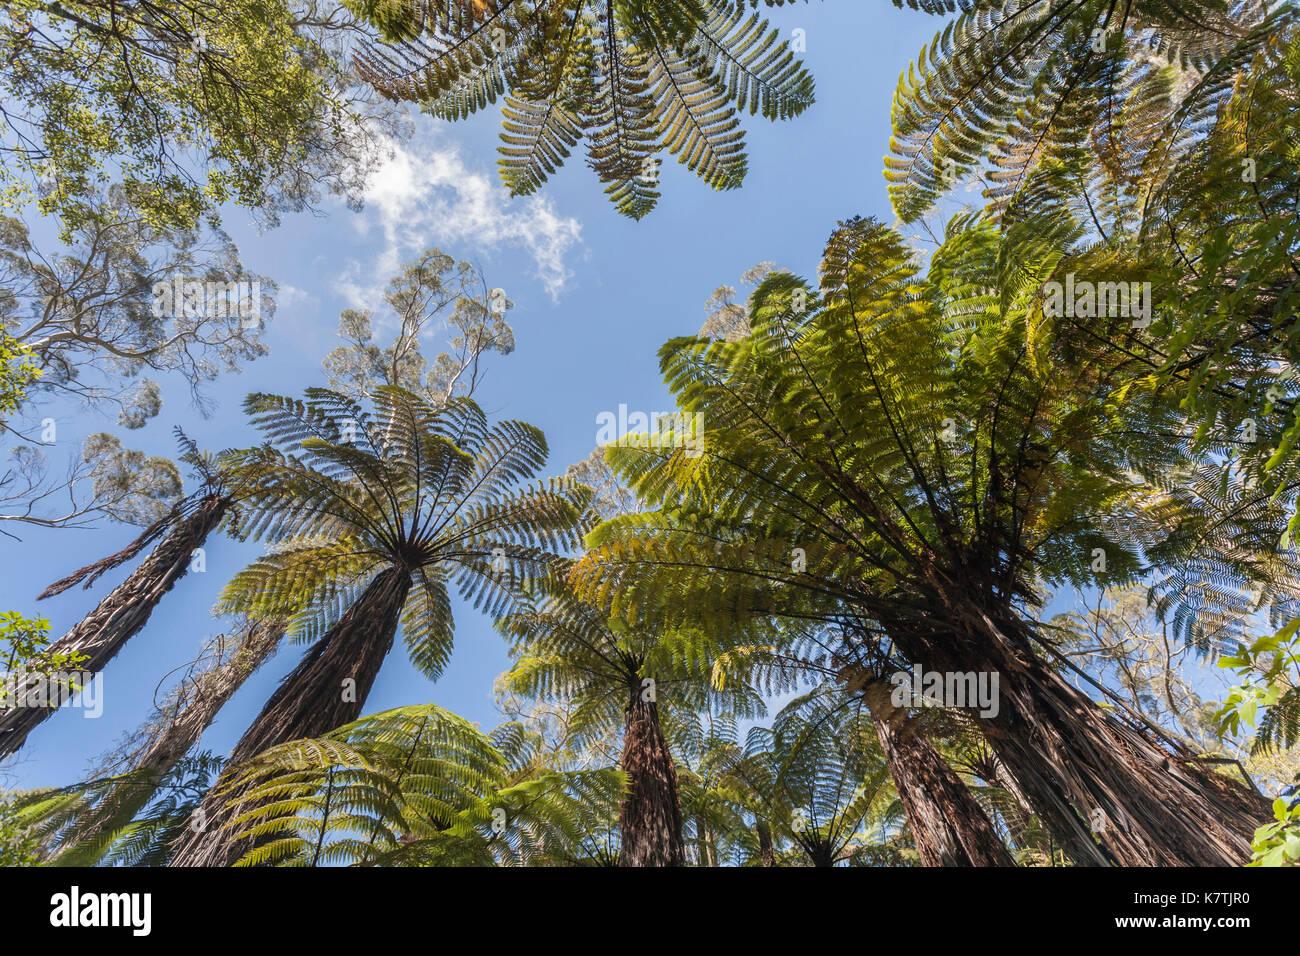 Originaire de Nouvelle-Zélande fougères arborescentes (Dicksonia squarrosa) près de Rotorua, Nouvelle-Zélande Photo Stock